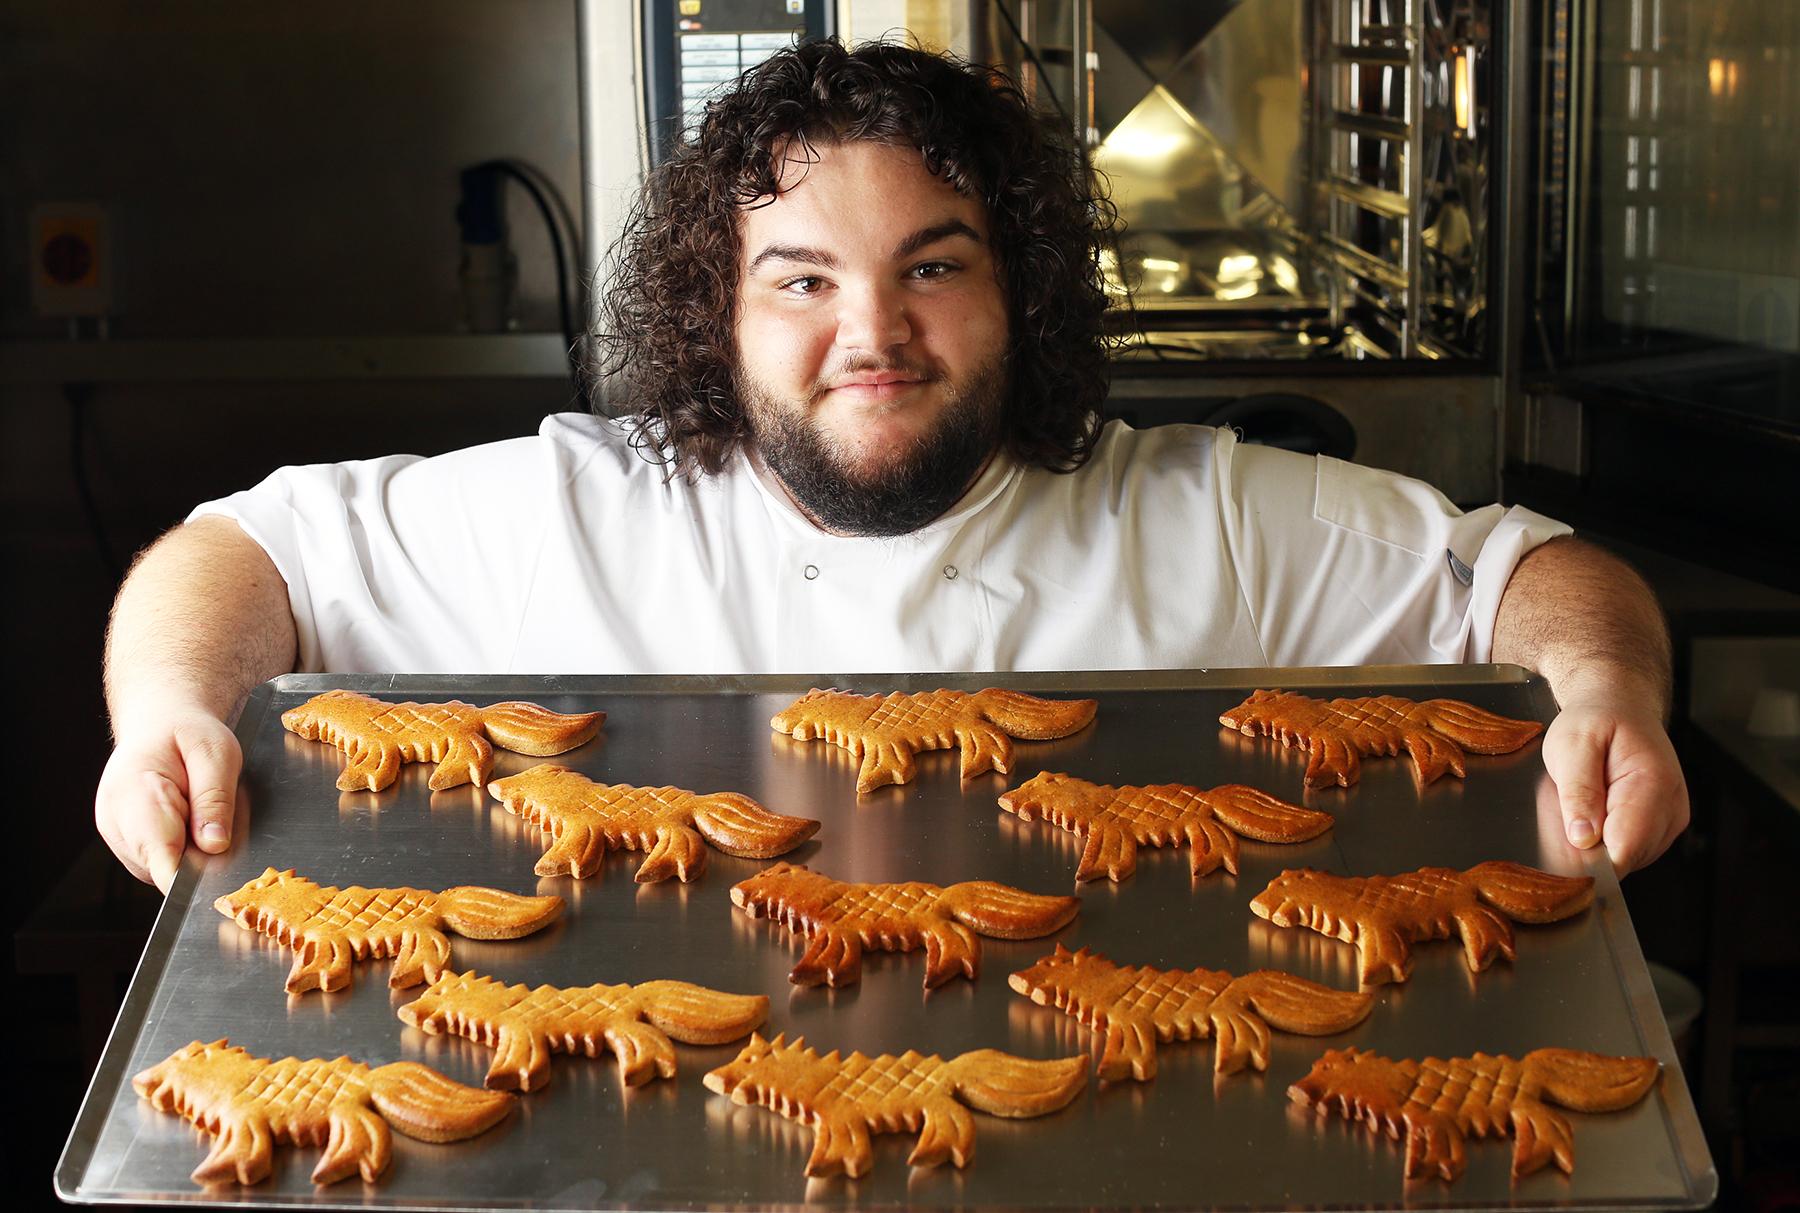 Ben Hawkey Hot Pie Game of Thrones